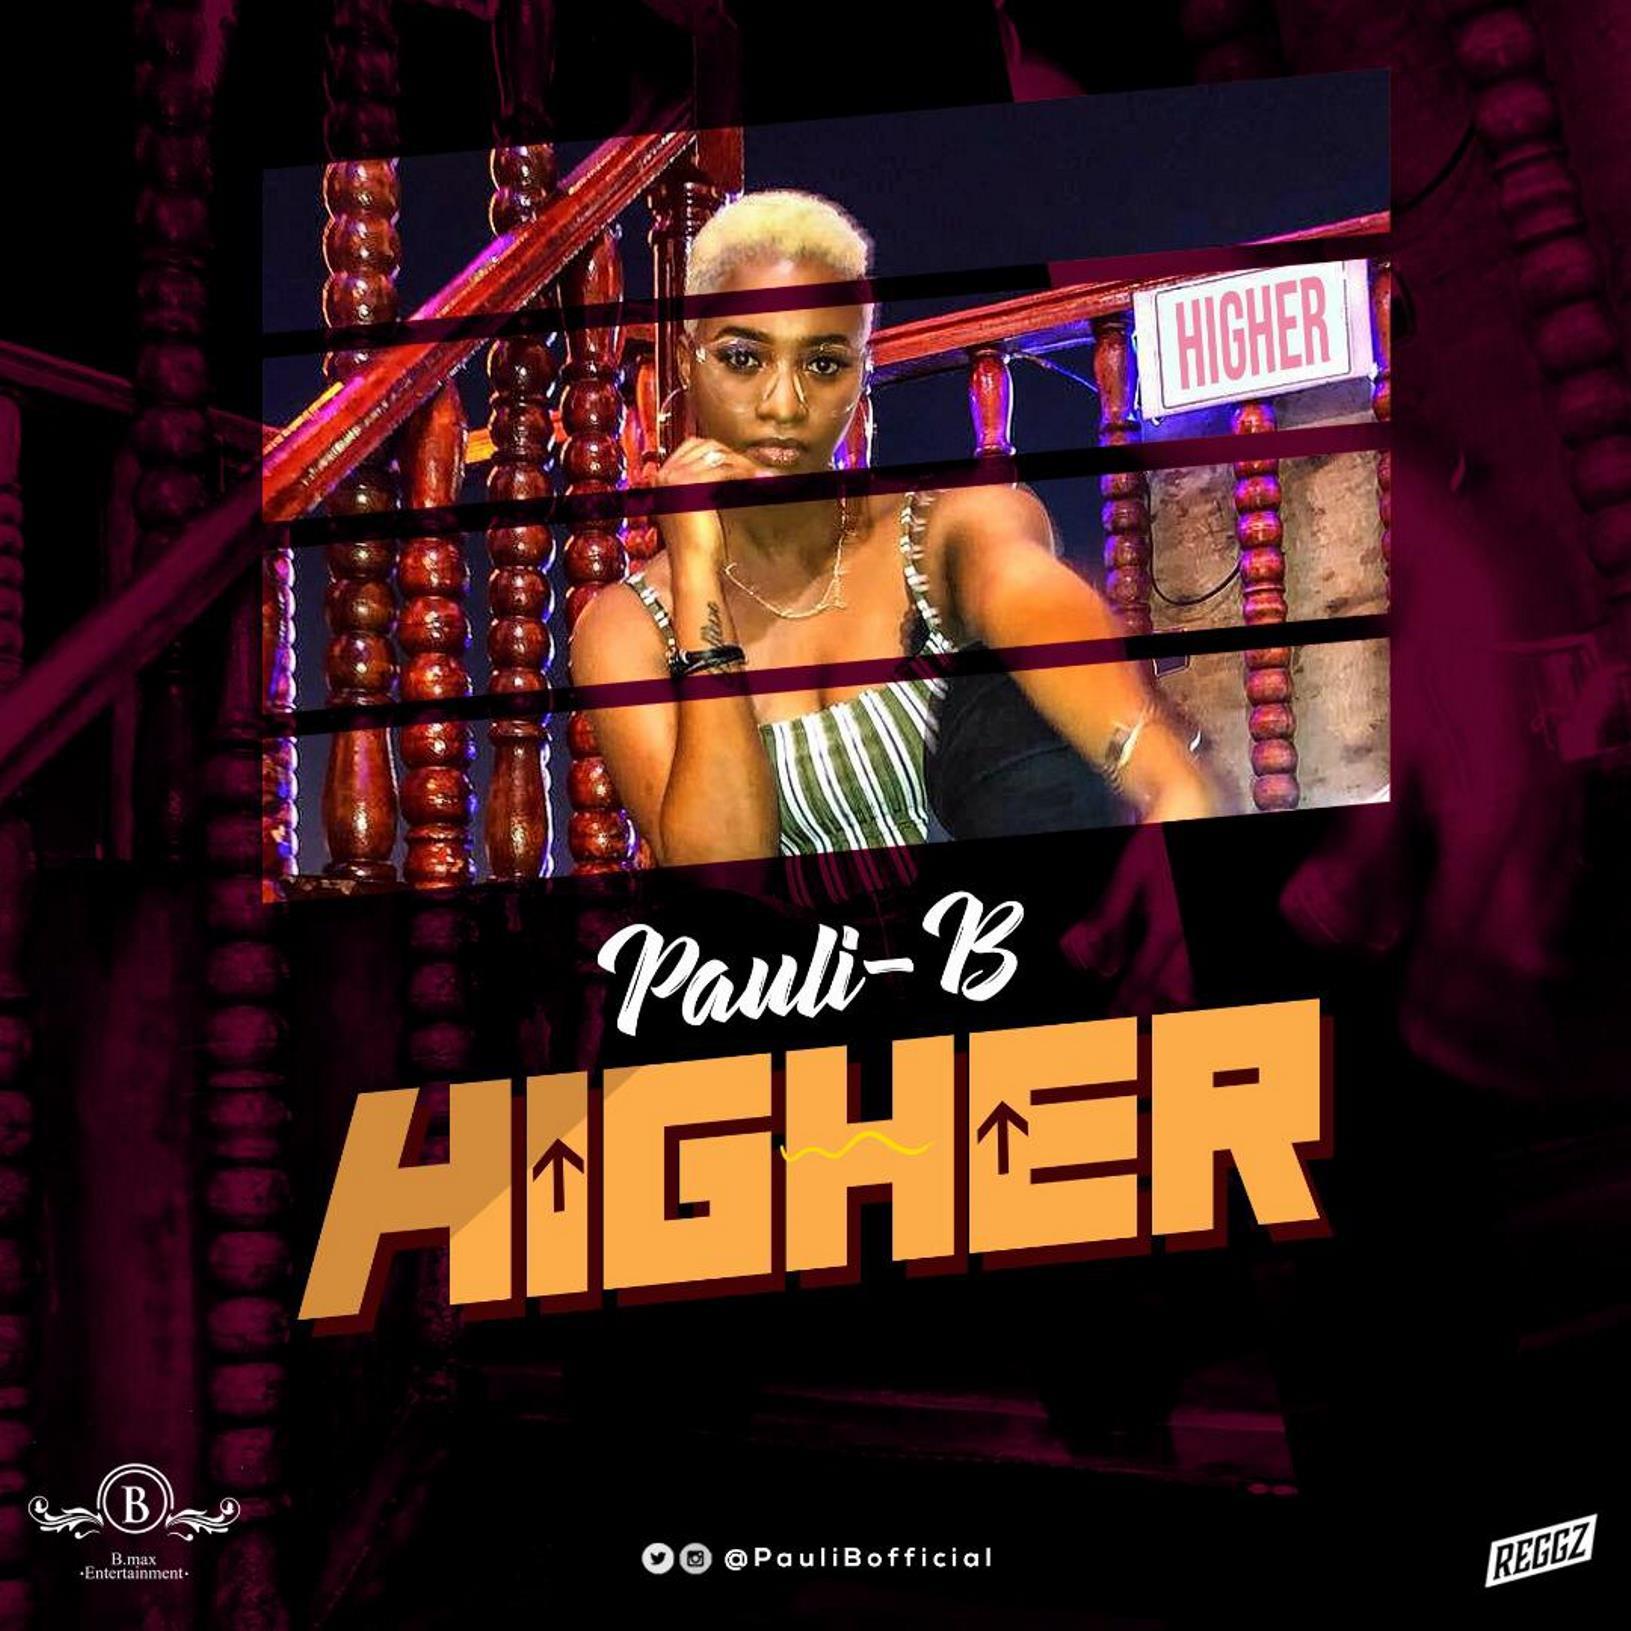 Pauli-B - Higher (Prod by itzCJ)